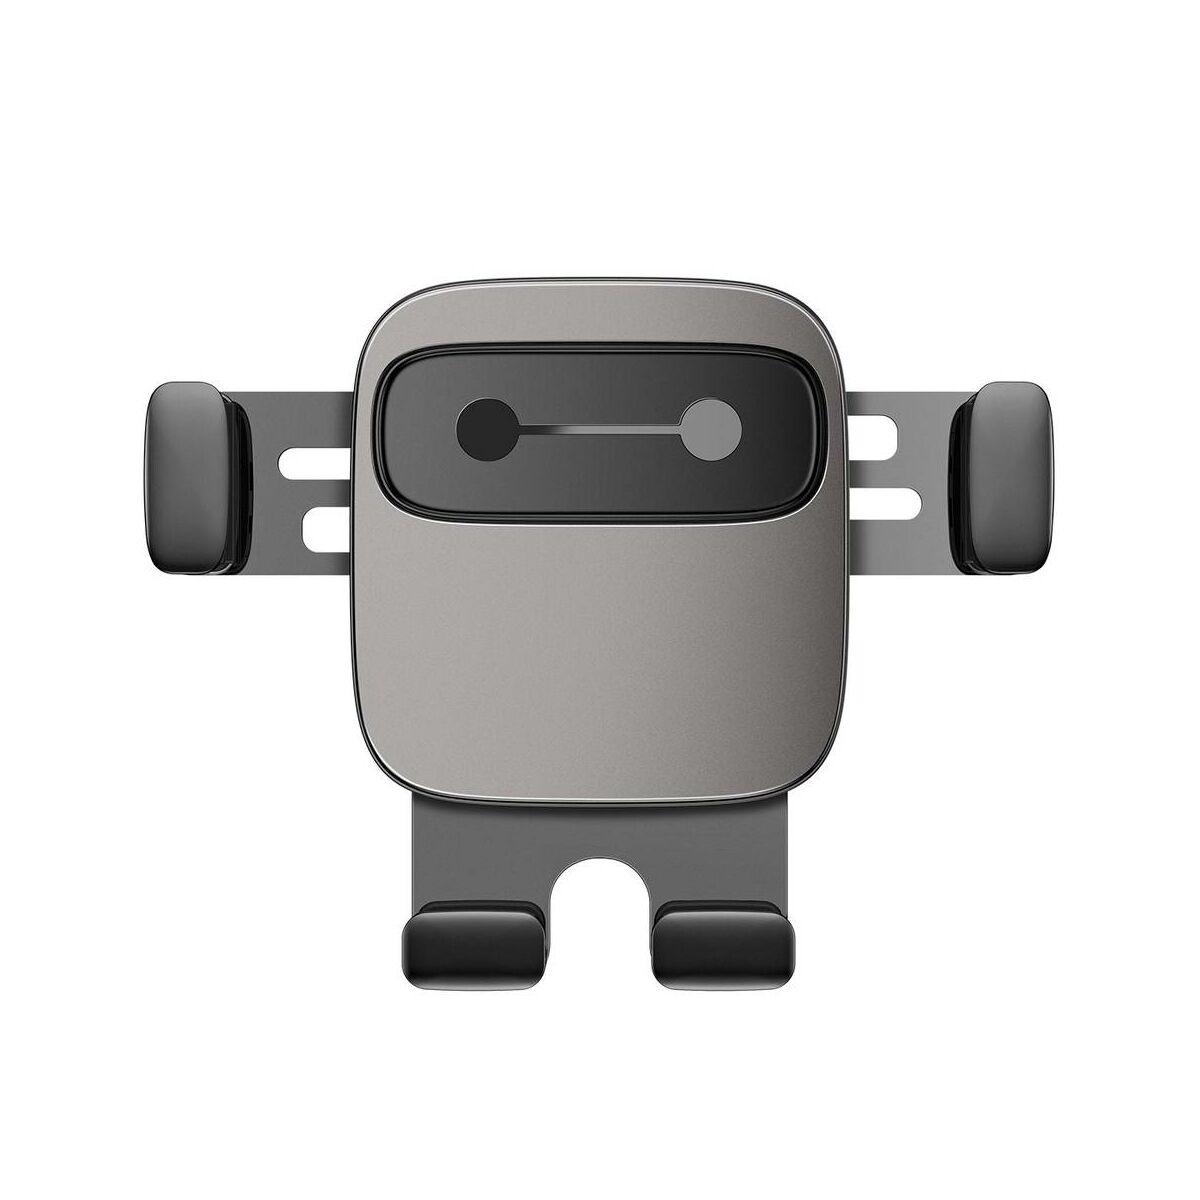 Baseus autós telefontartó, Cube Gravity, szögletesebb design, fekete (SUYL-FK01)